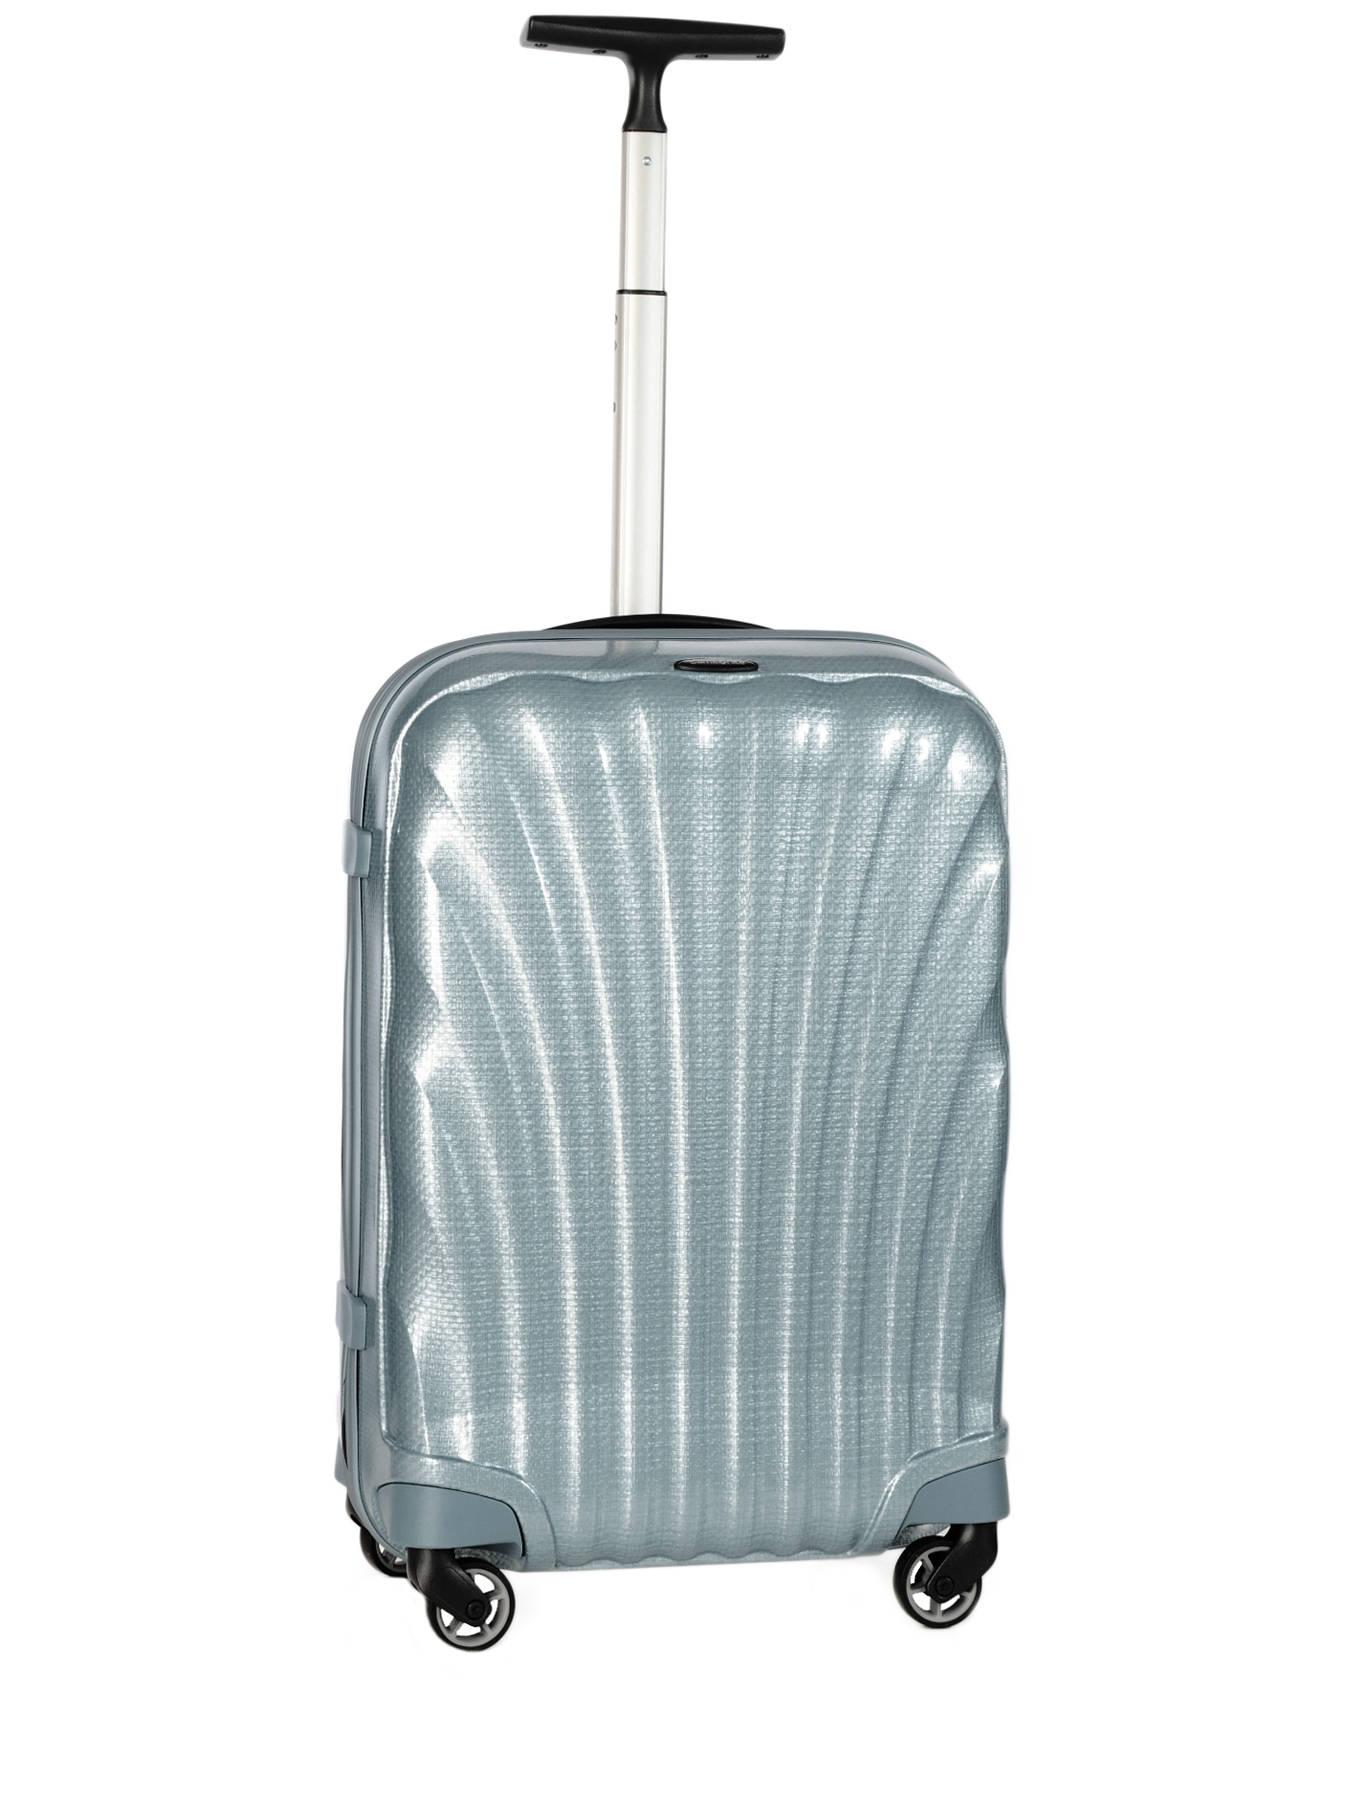 valise cabine rigide samsonite